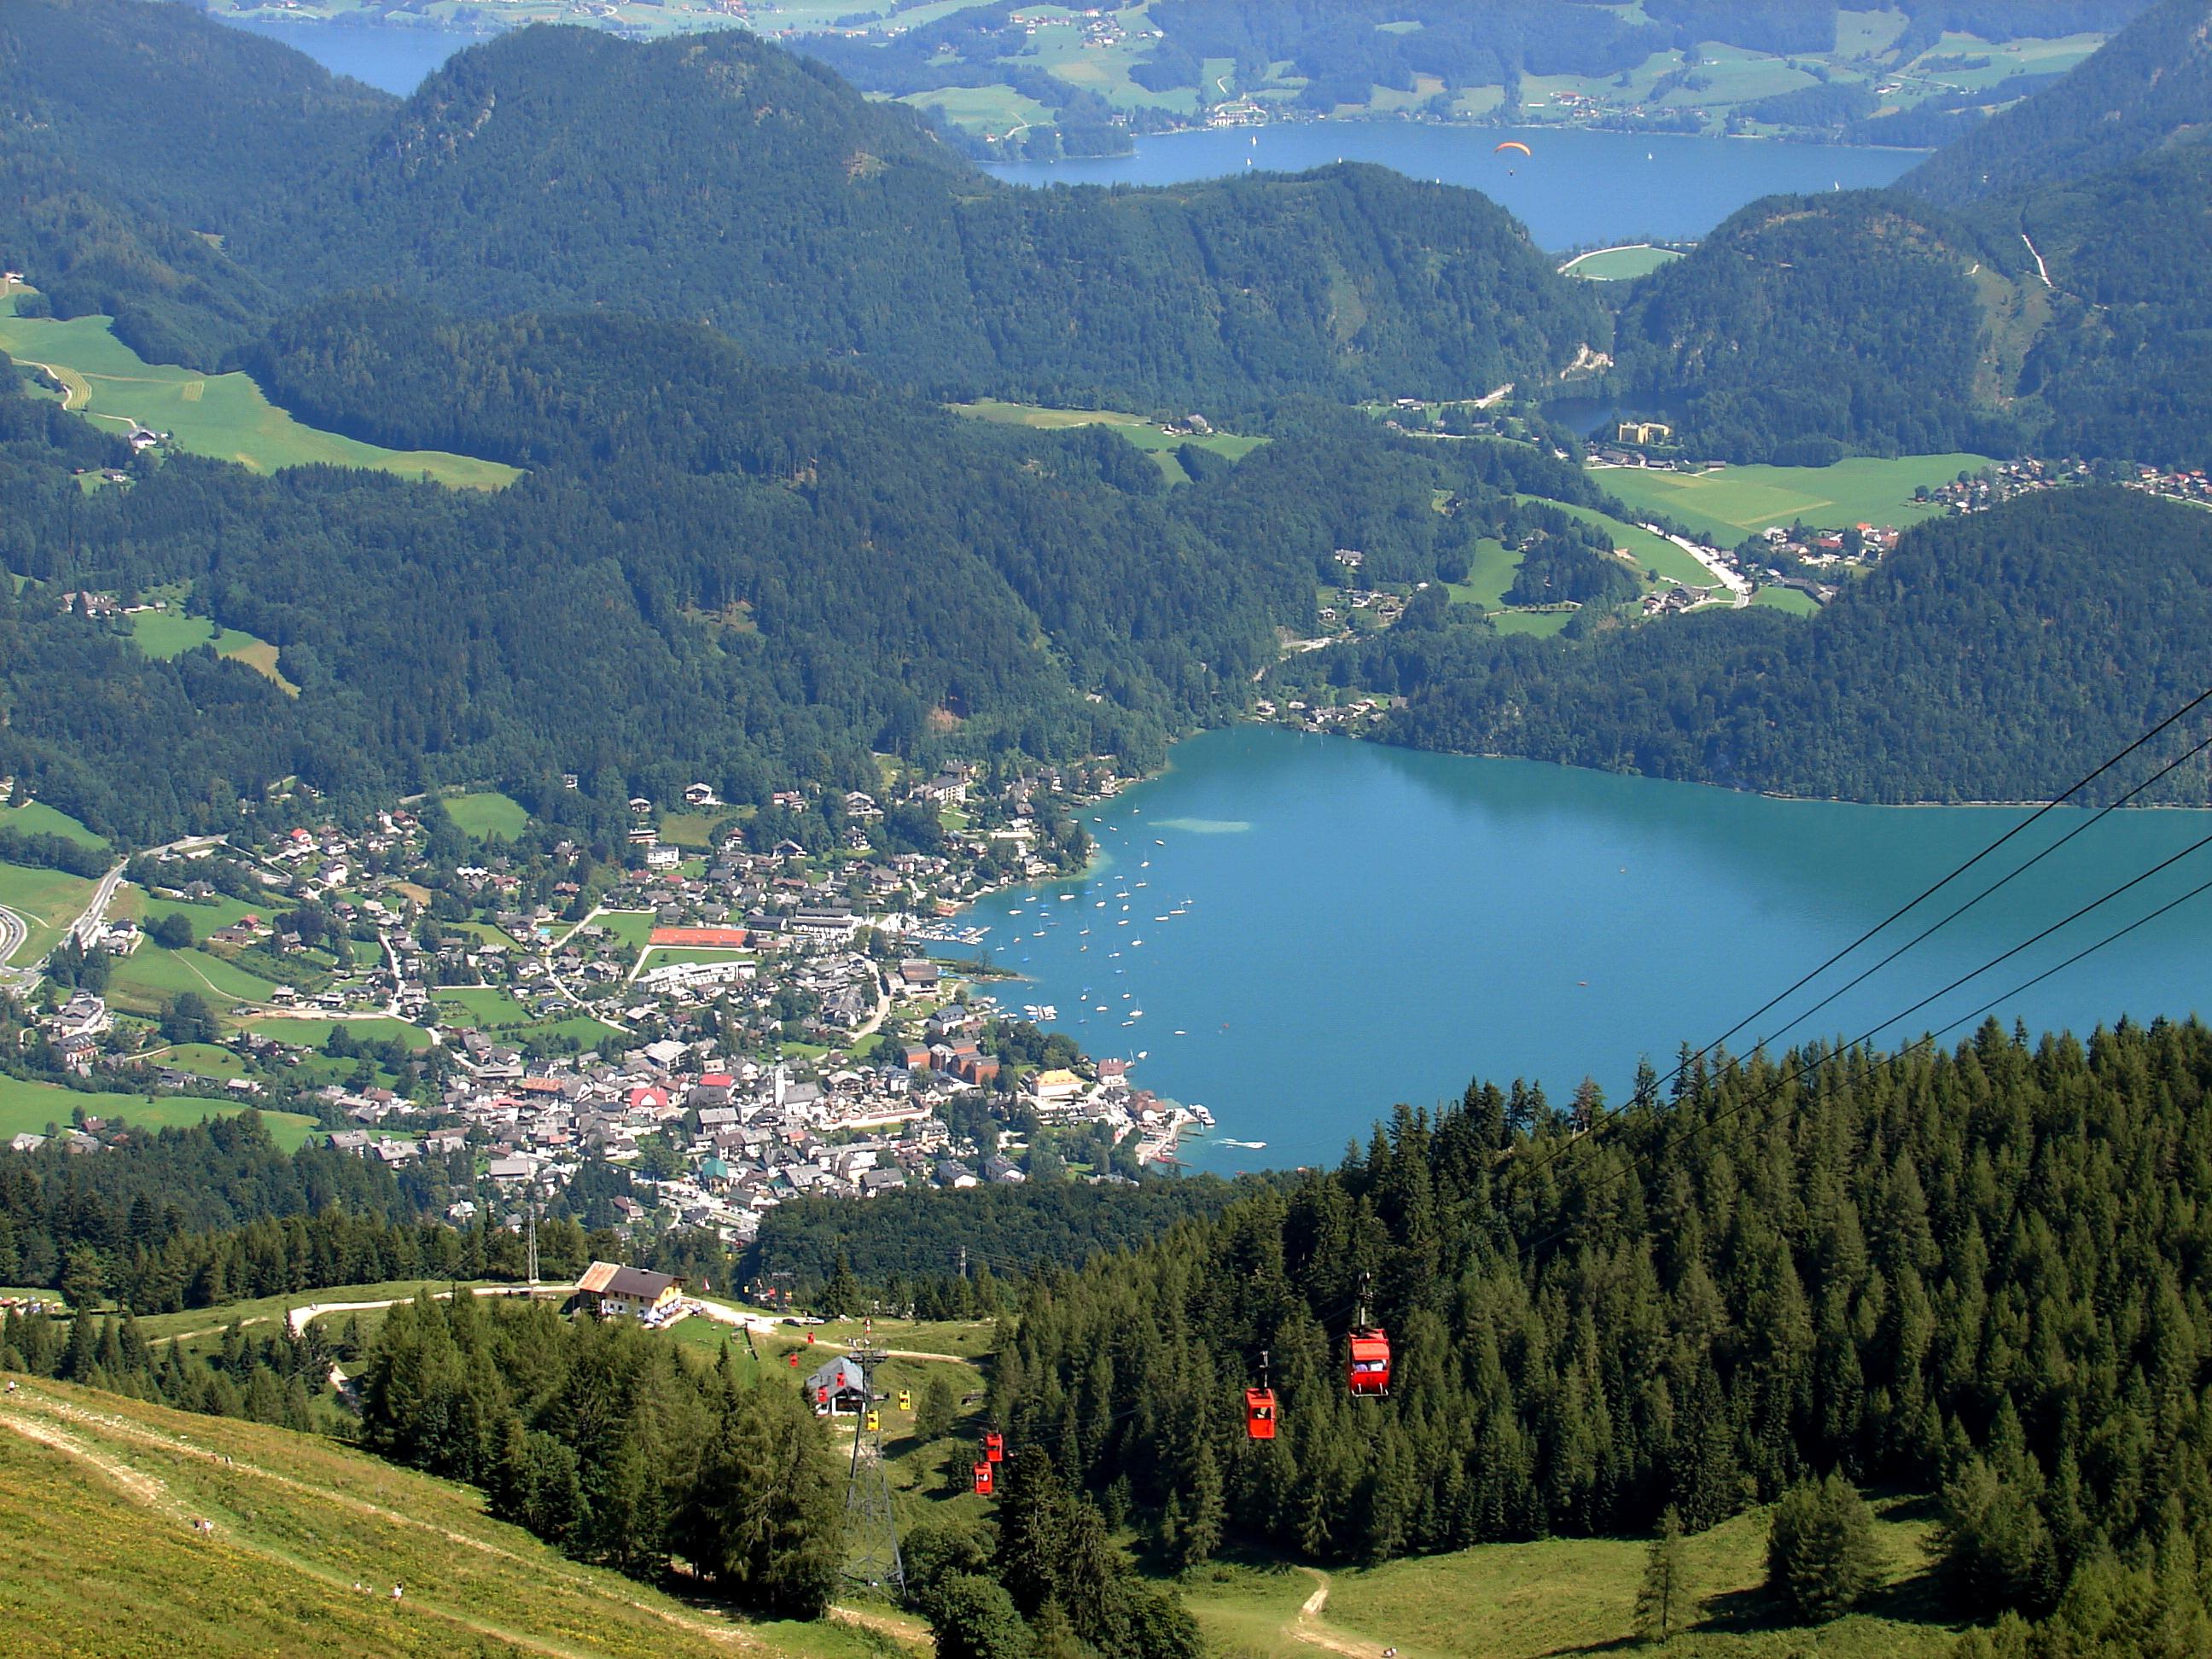 Kontaktanzeigen Sankt Gilgen | Locanto Dating Sankt Gilgen